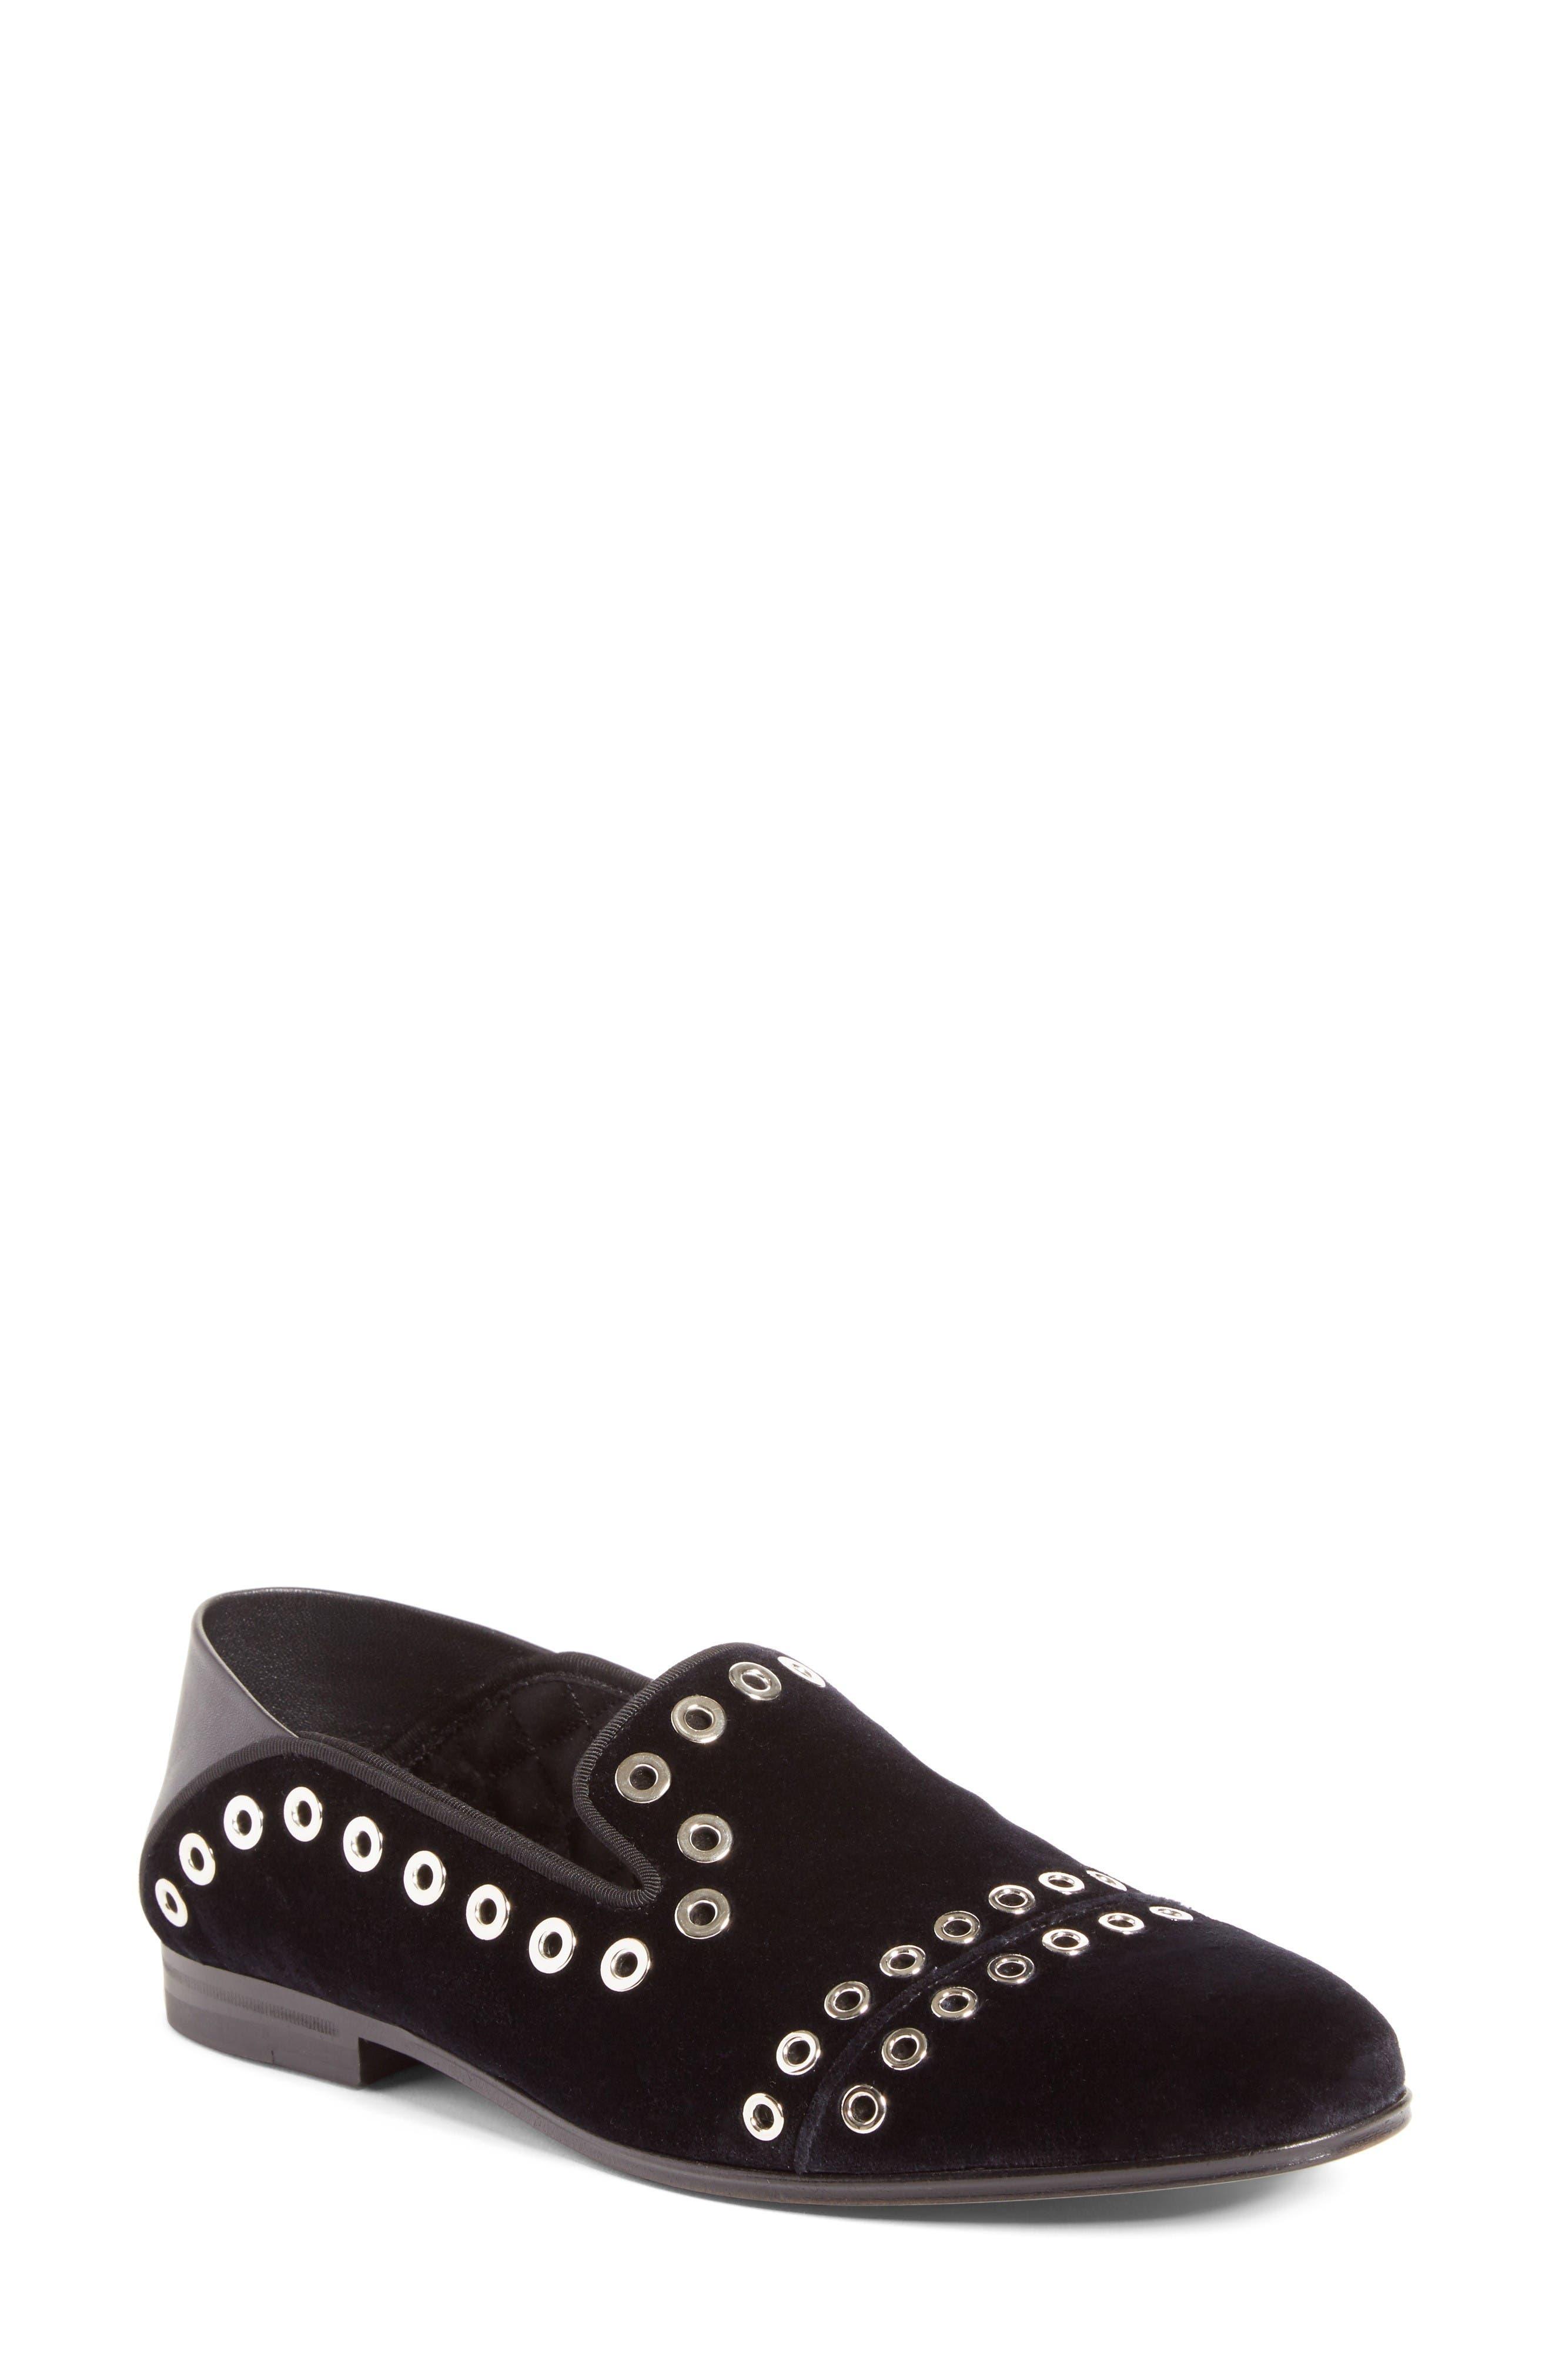 Alexander McQueen Grommet Convertible Loafer (Women)